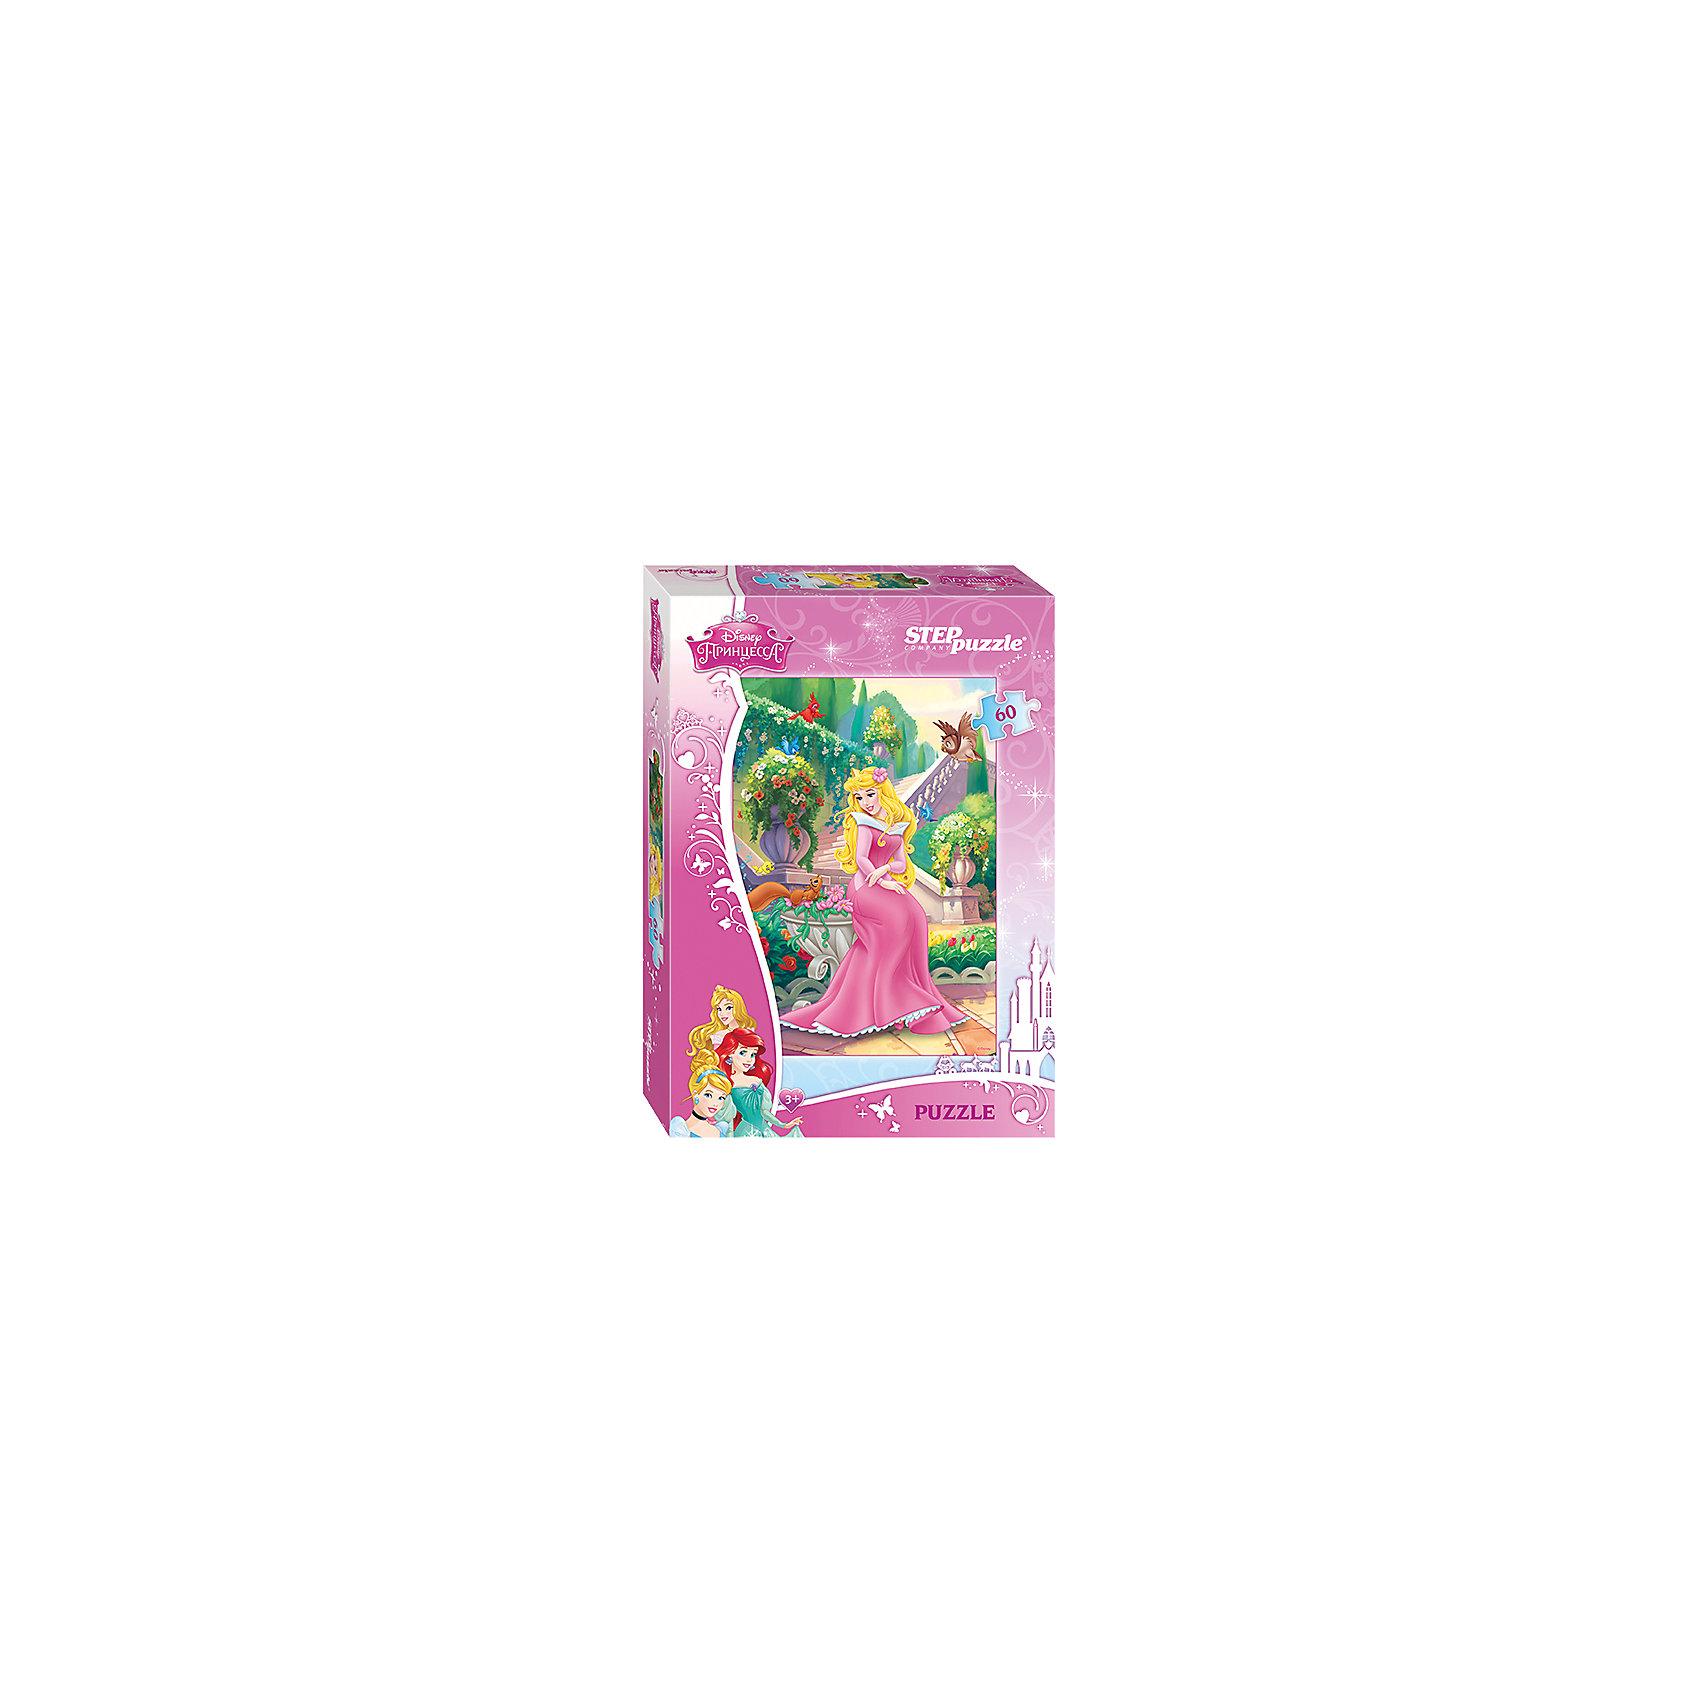 Степ Пазл Пазл Спящая красавица, 60 деталей, Step Puzzle пазл для раскрашивания арт терапия царь зверей origami 360 деталей